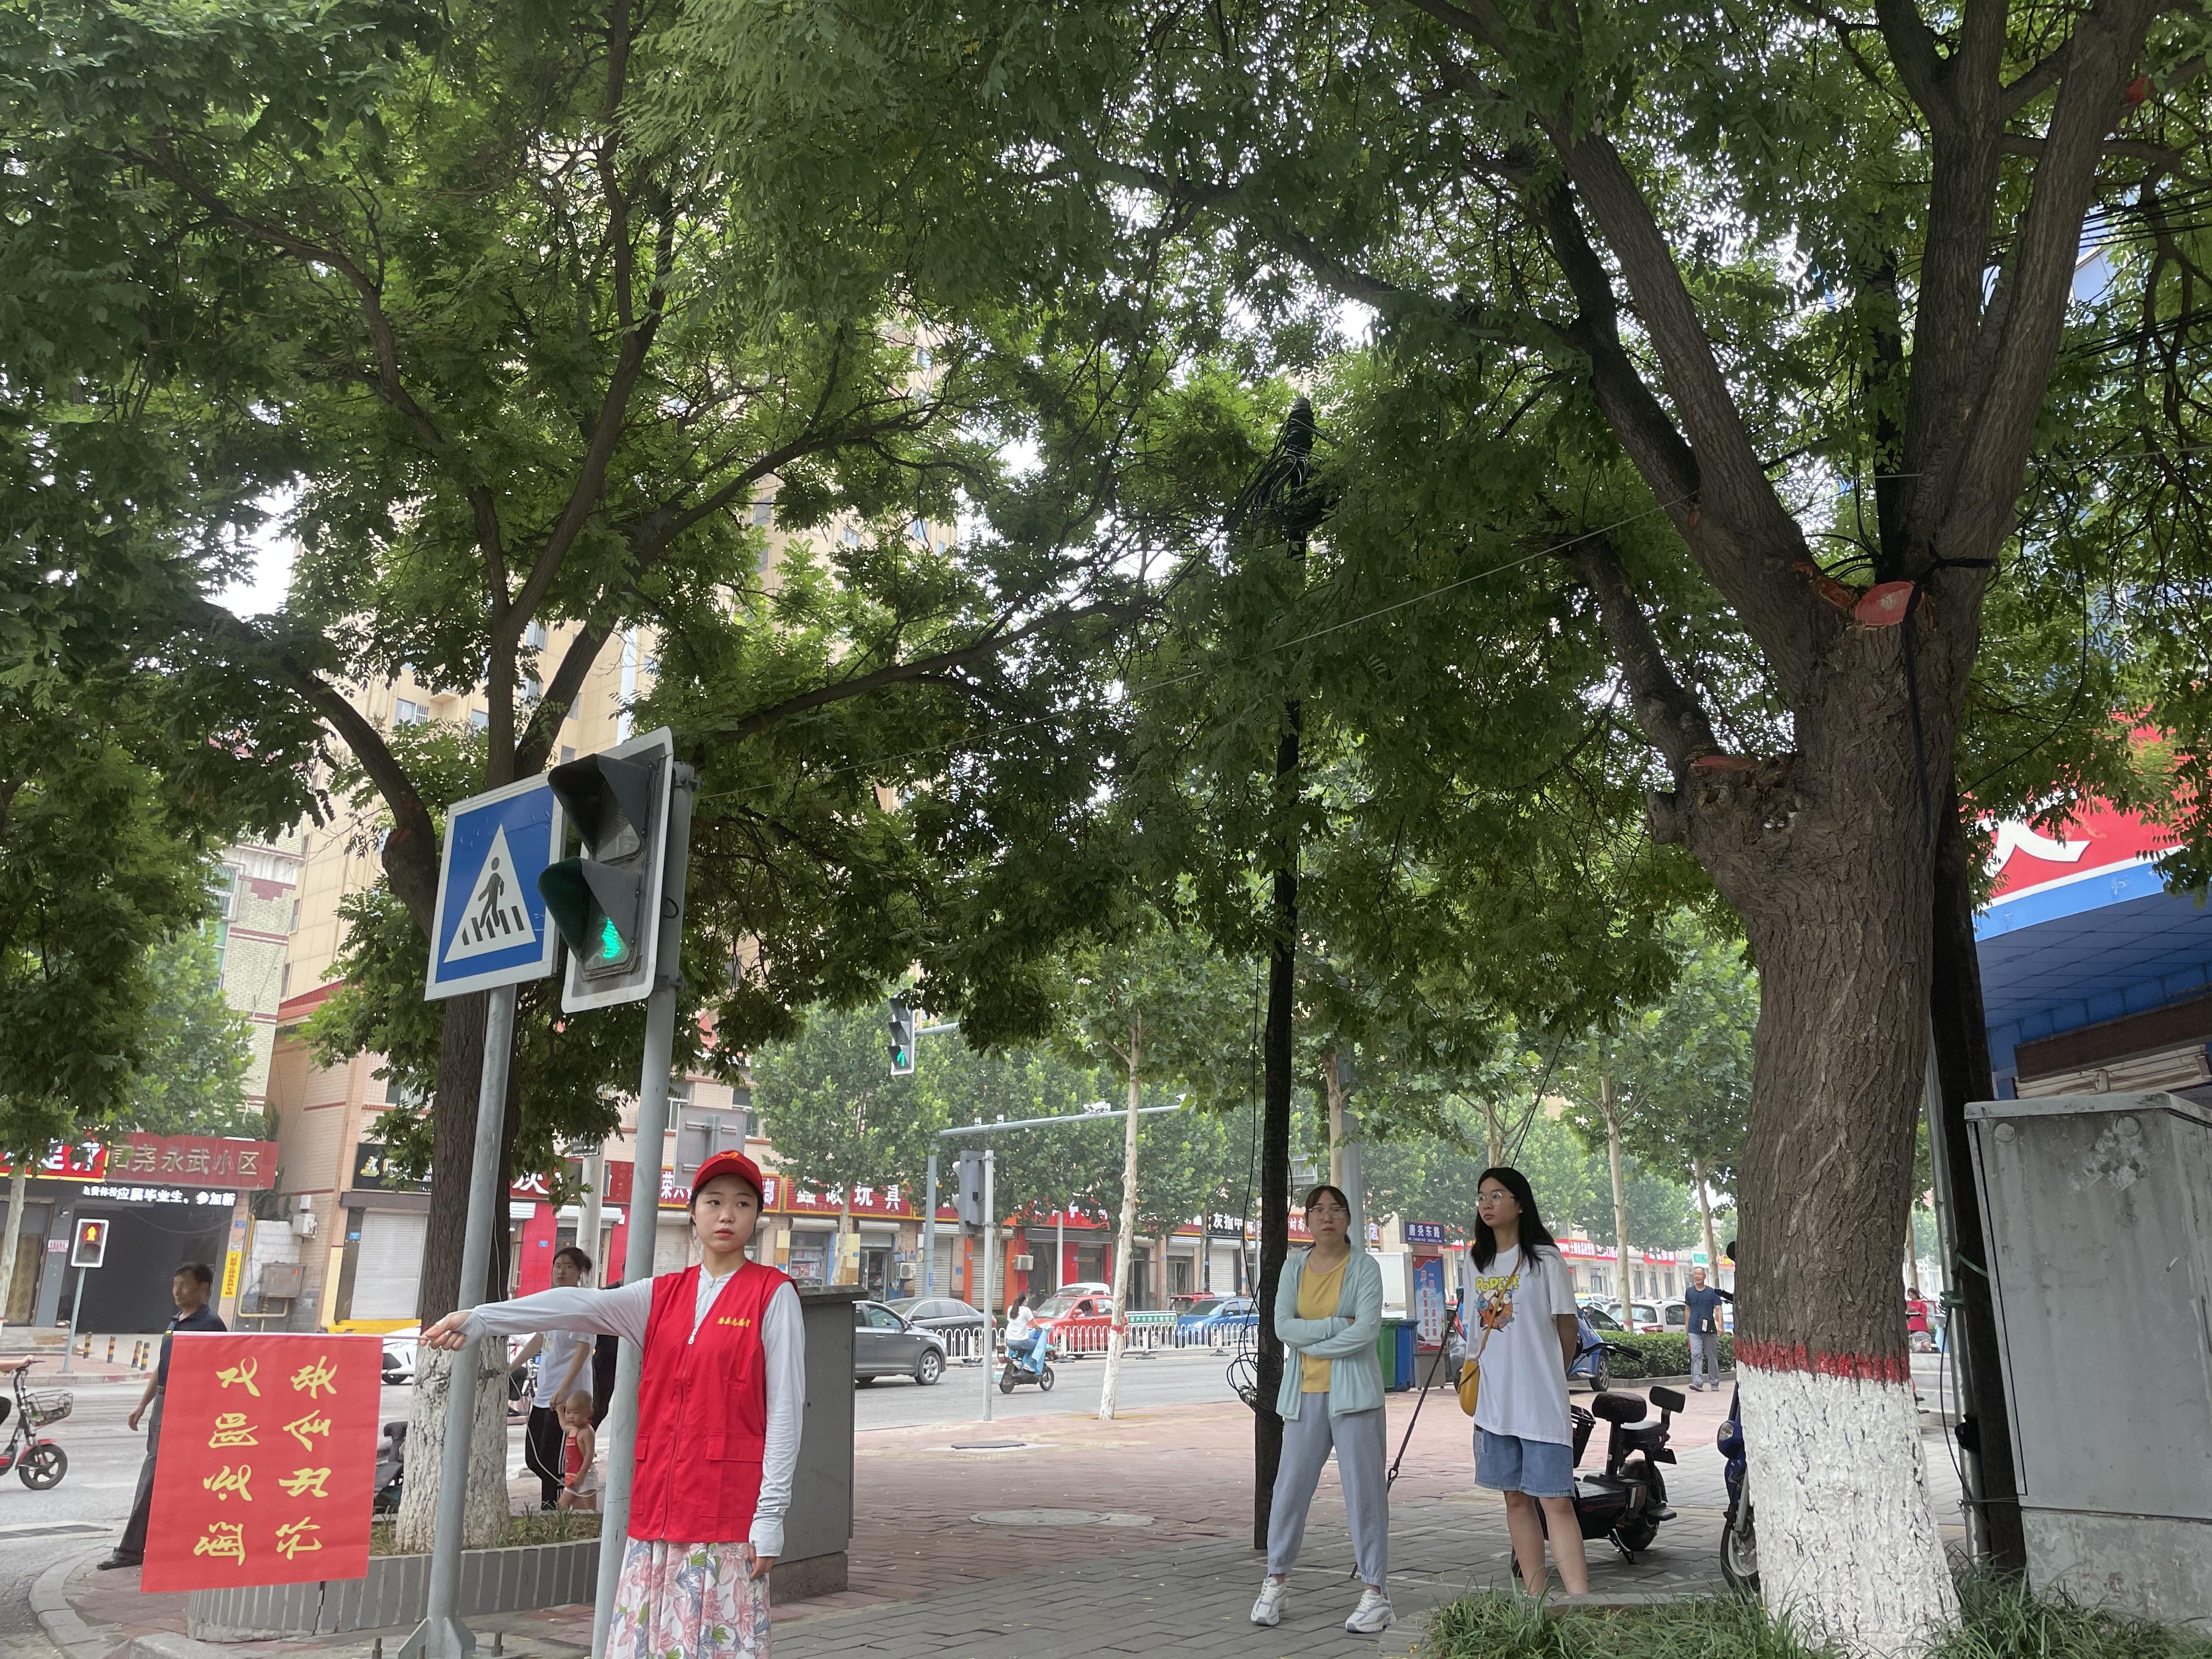 7月13日,青年志愿者到路口进行文明交通引导.jpg